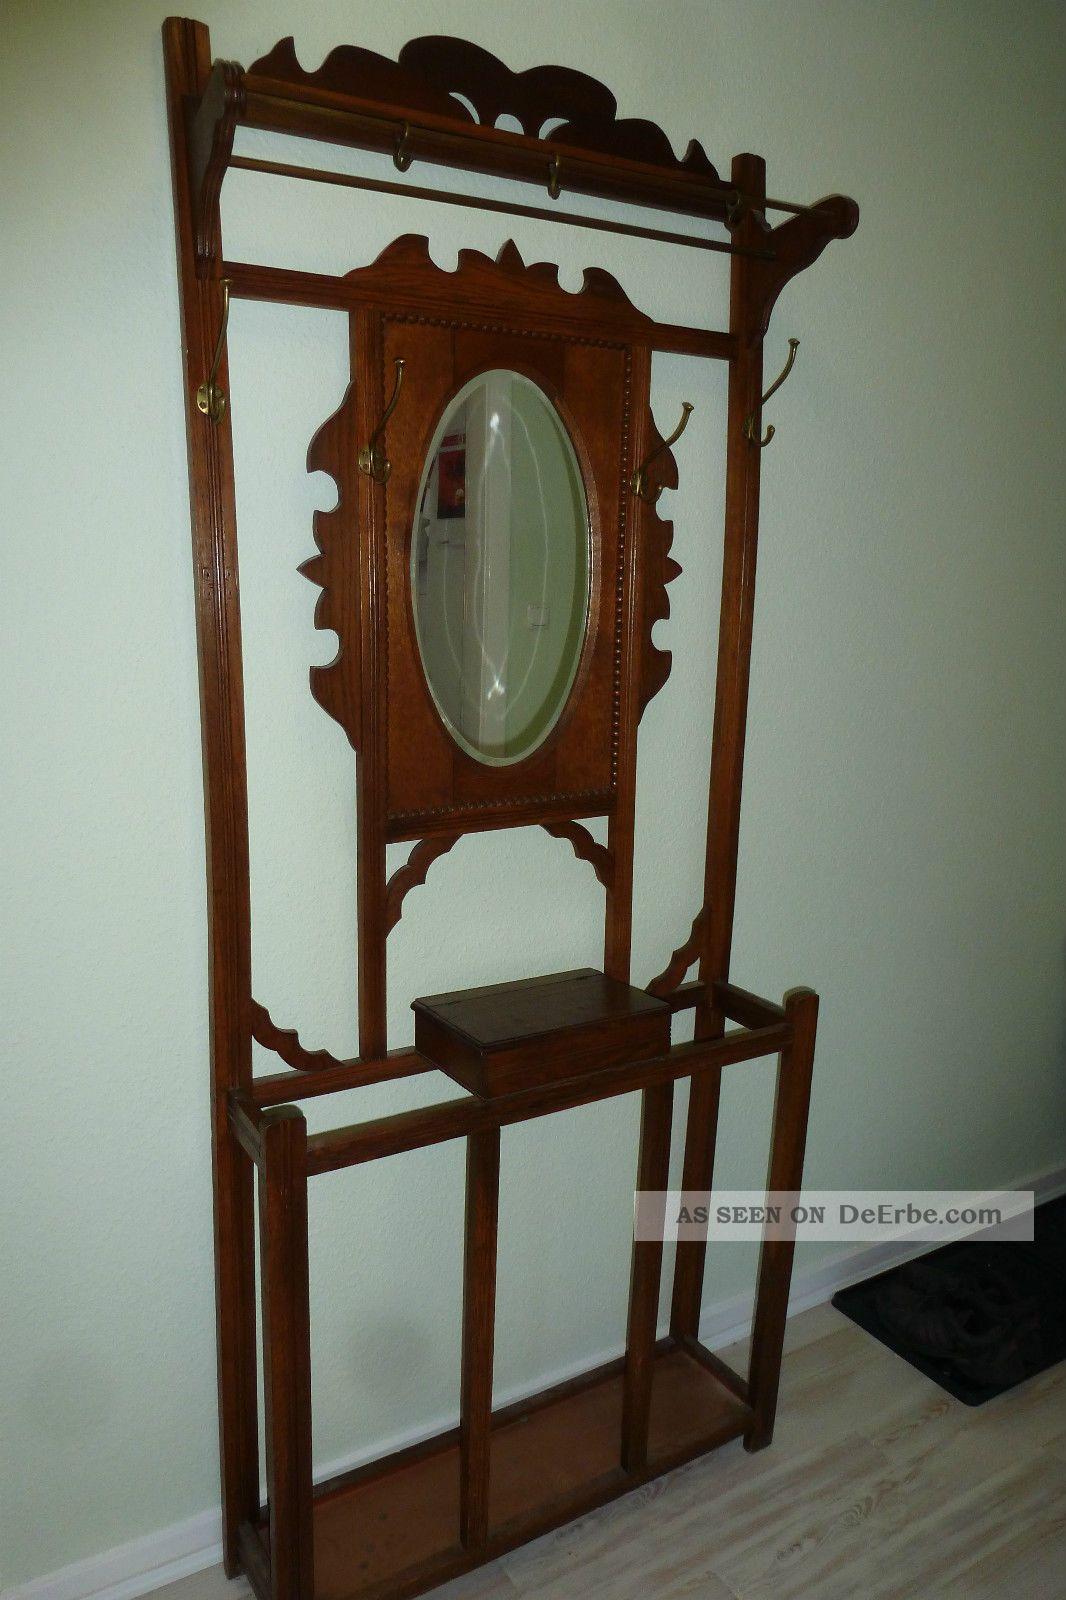 alte garderobe aus eiche mit spiegel schirmaufbewahrung und geheimk stchen. Black Bedroom Furniture Sets. Home Design Ideas